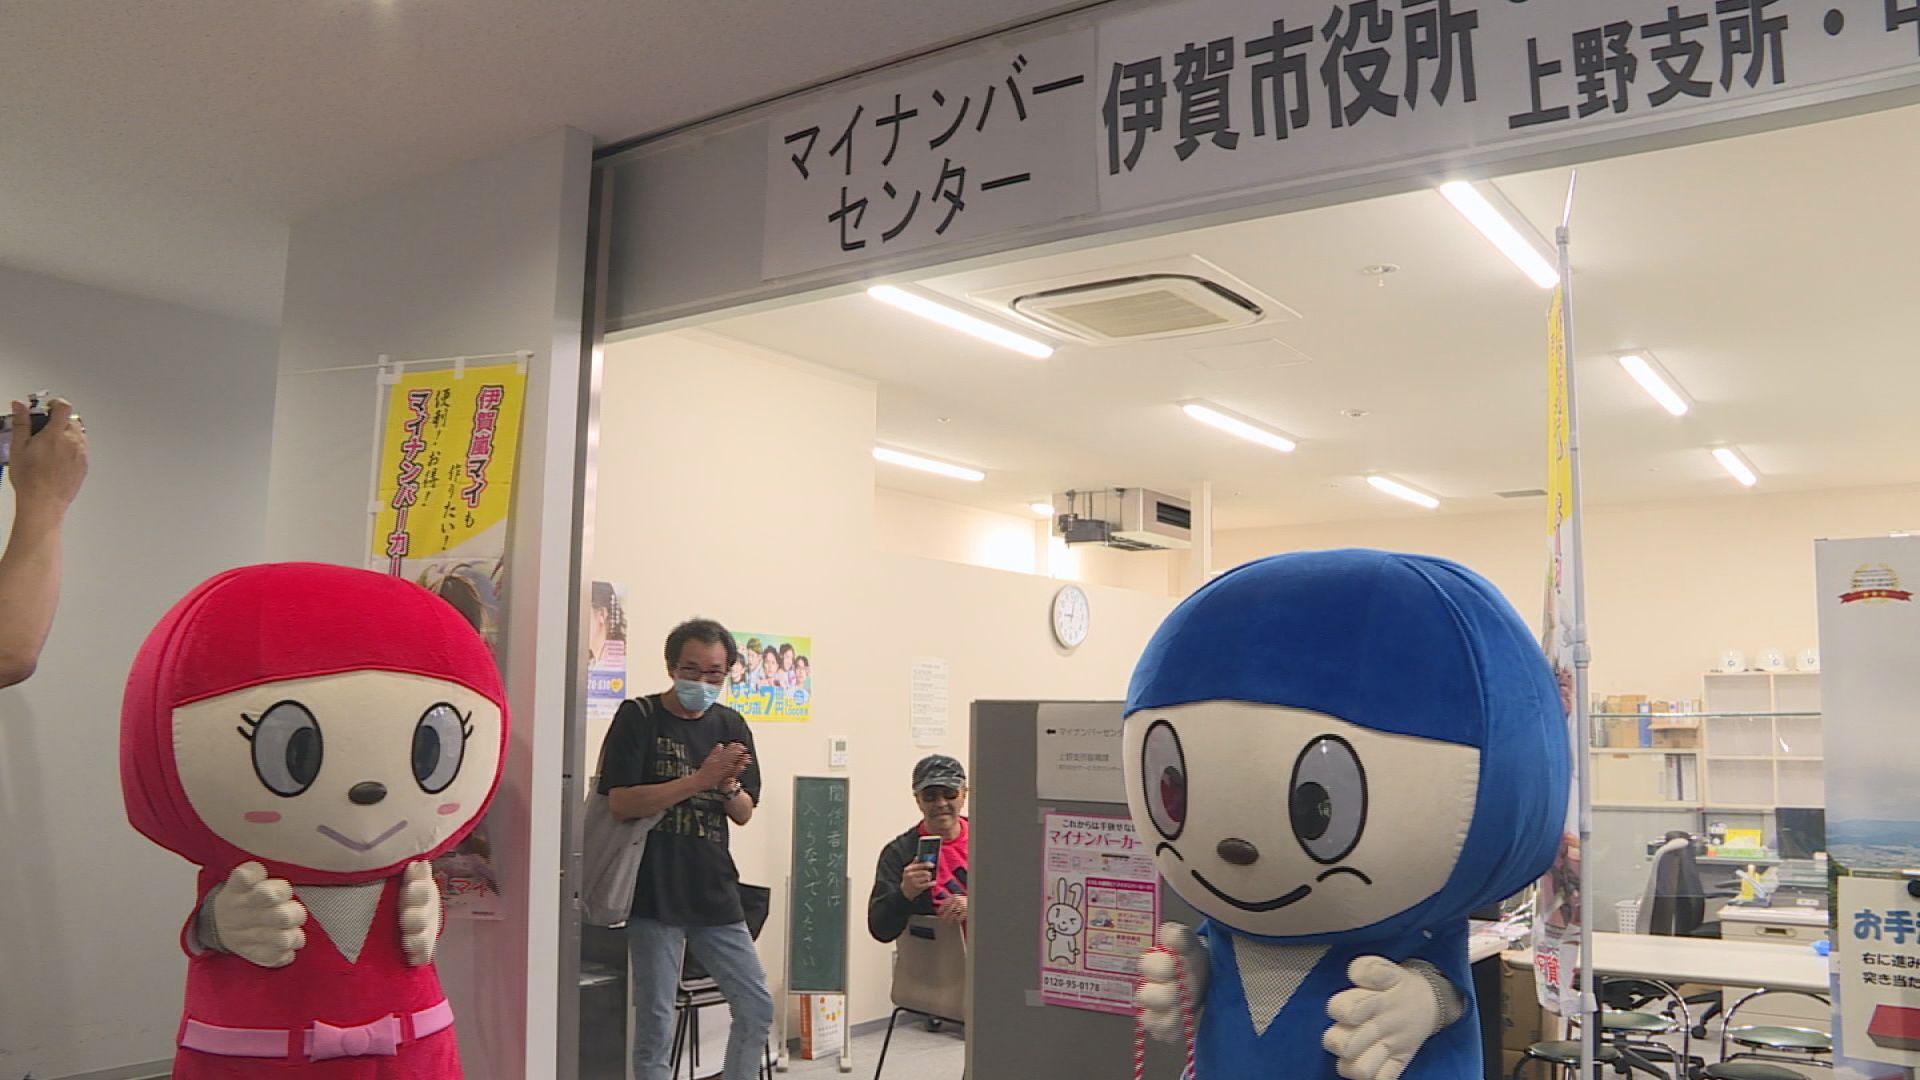 ニュース コロナ 市 伊賀